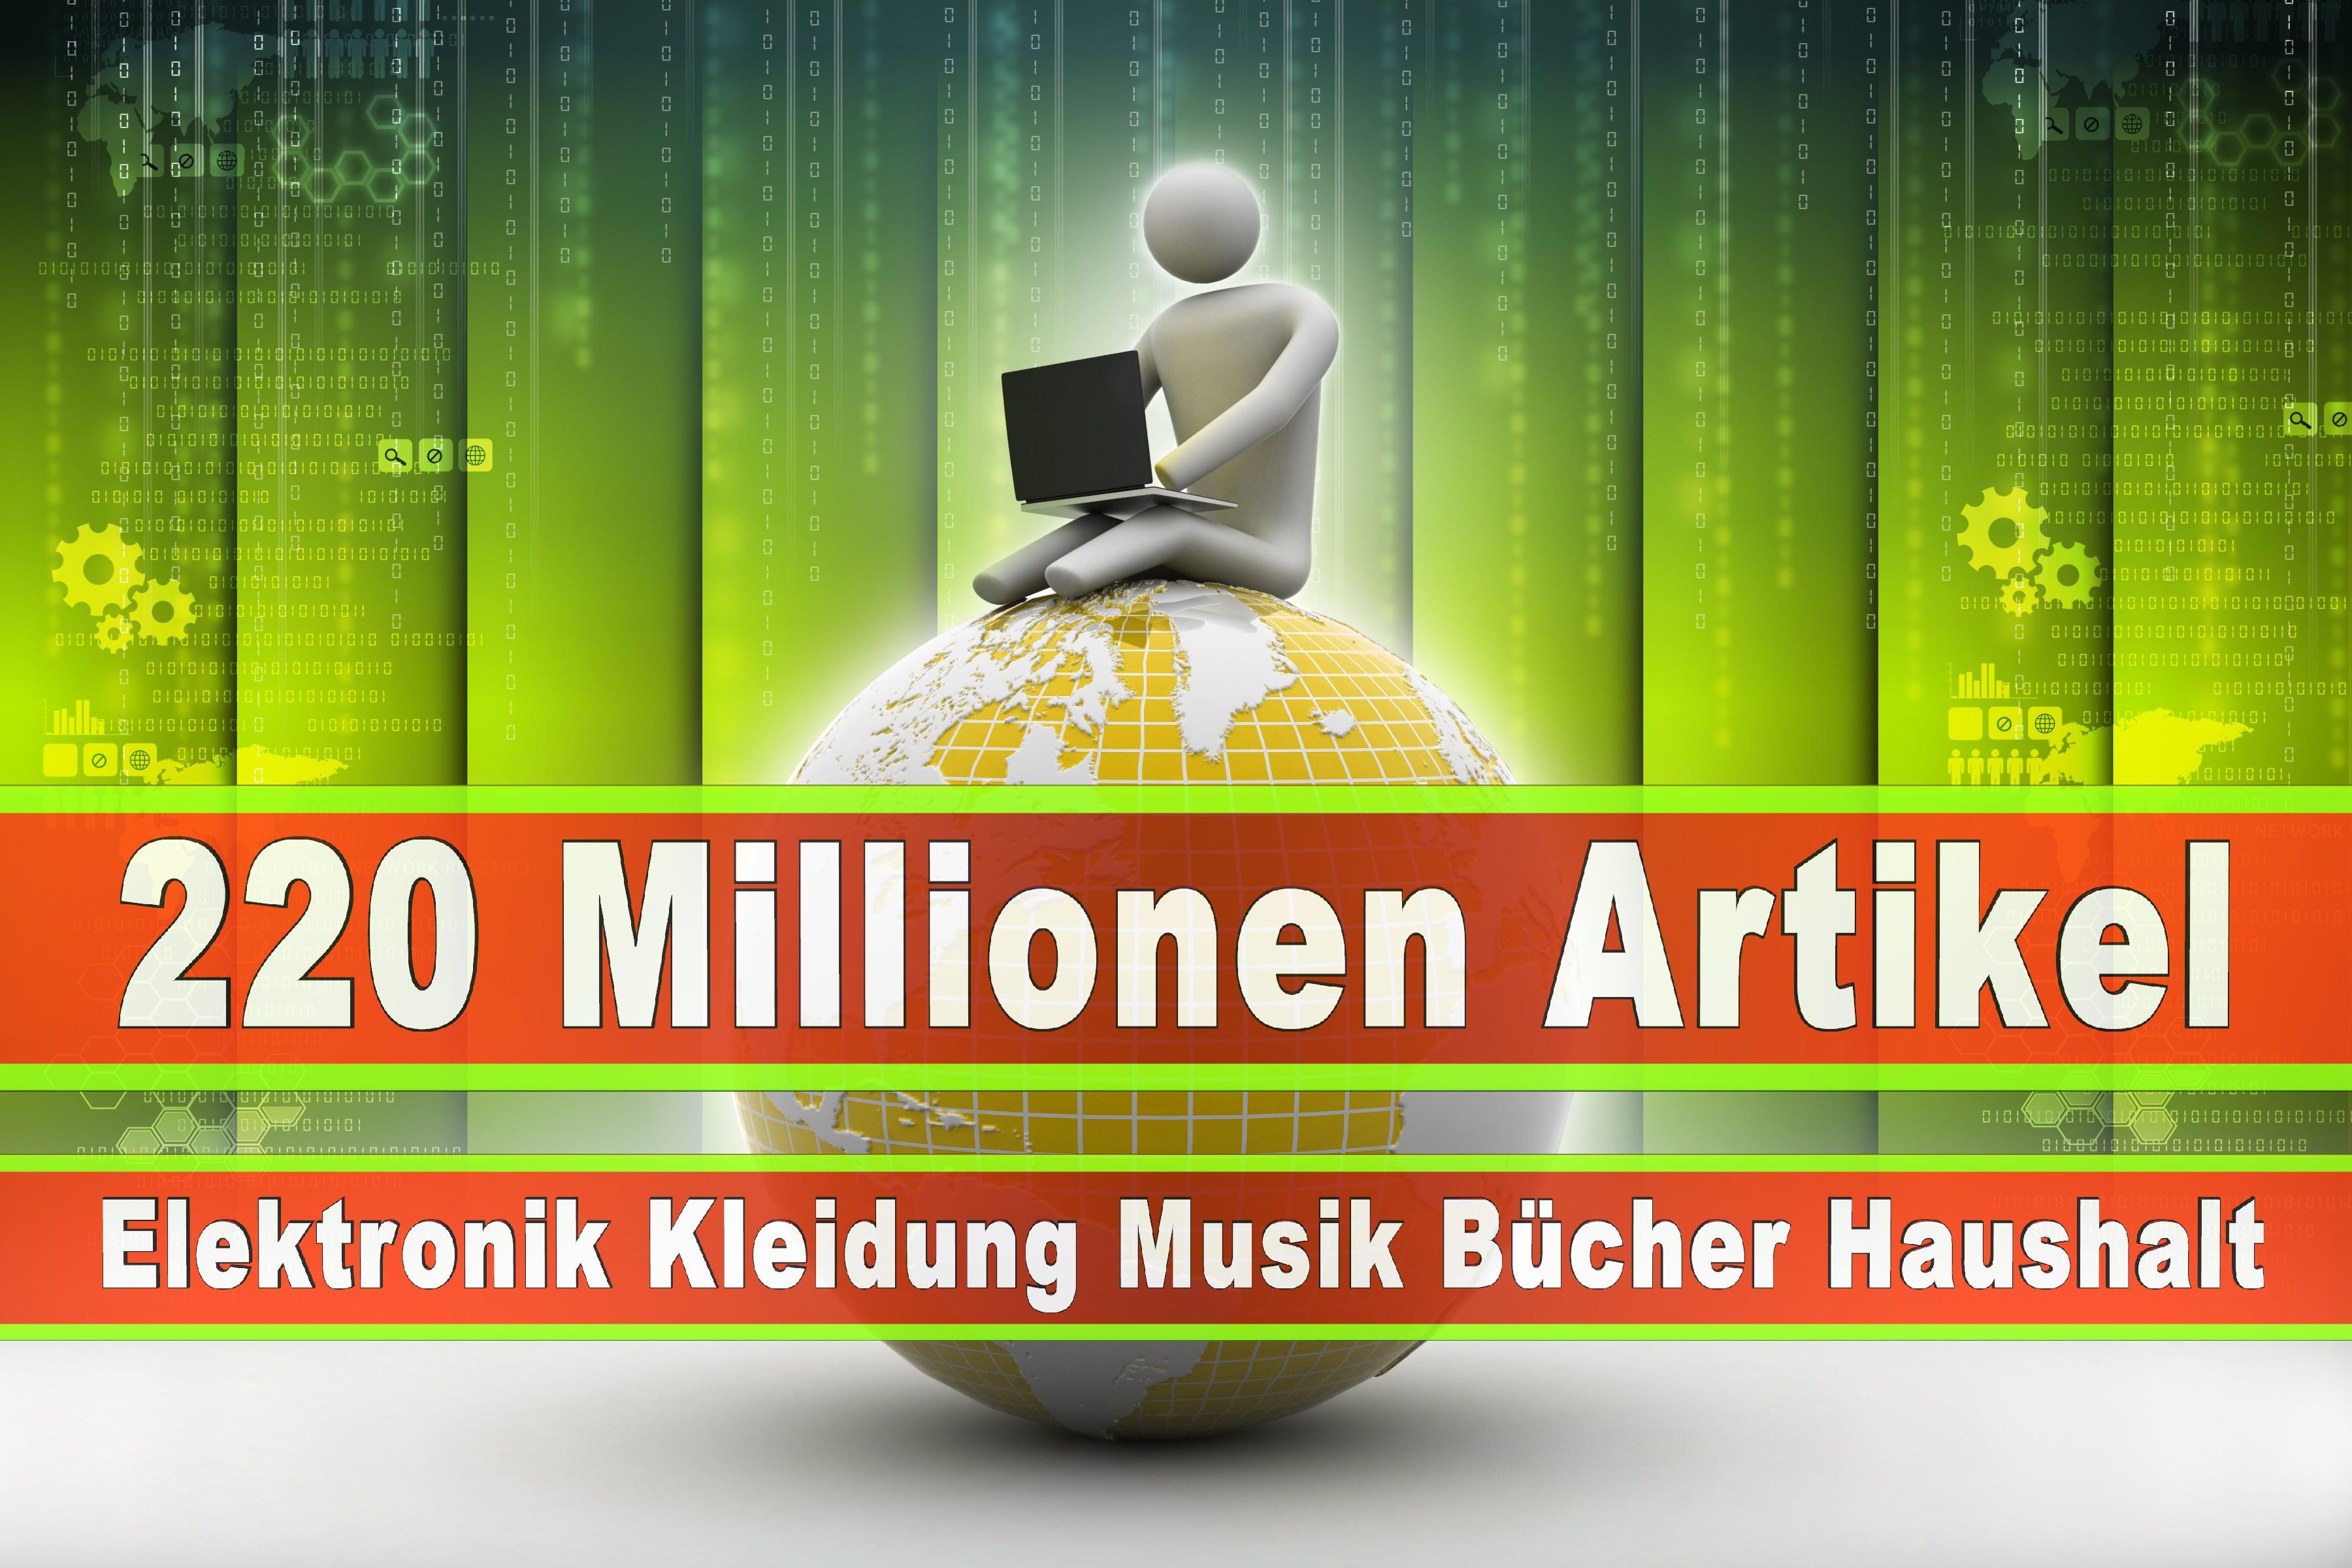 Amazon Elektronik Musik Haushalt Bücher CD DVD Handys Smartphones TV Television Fernseher Kleidung Mode Ebay (61)